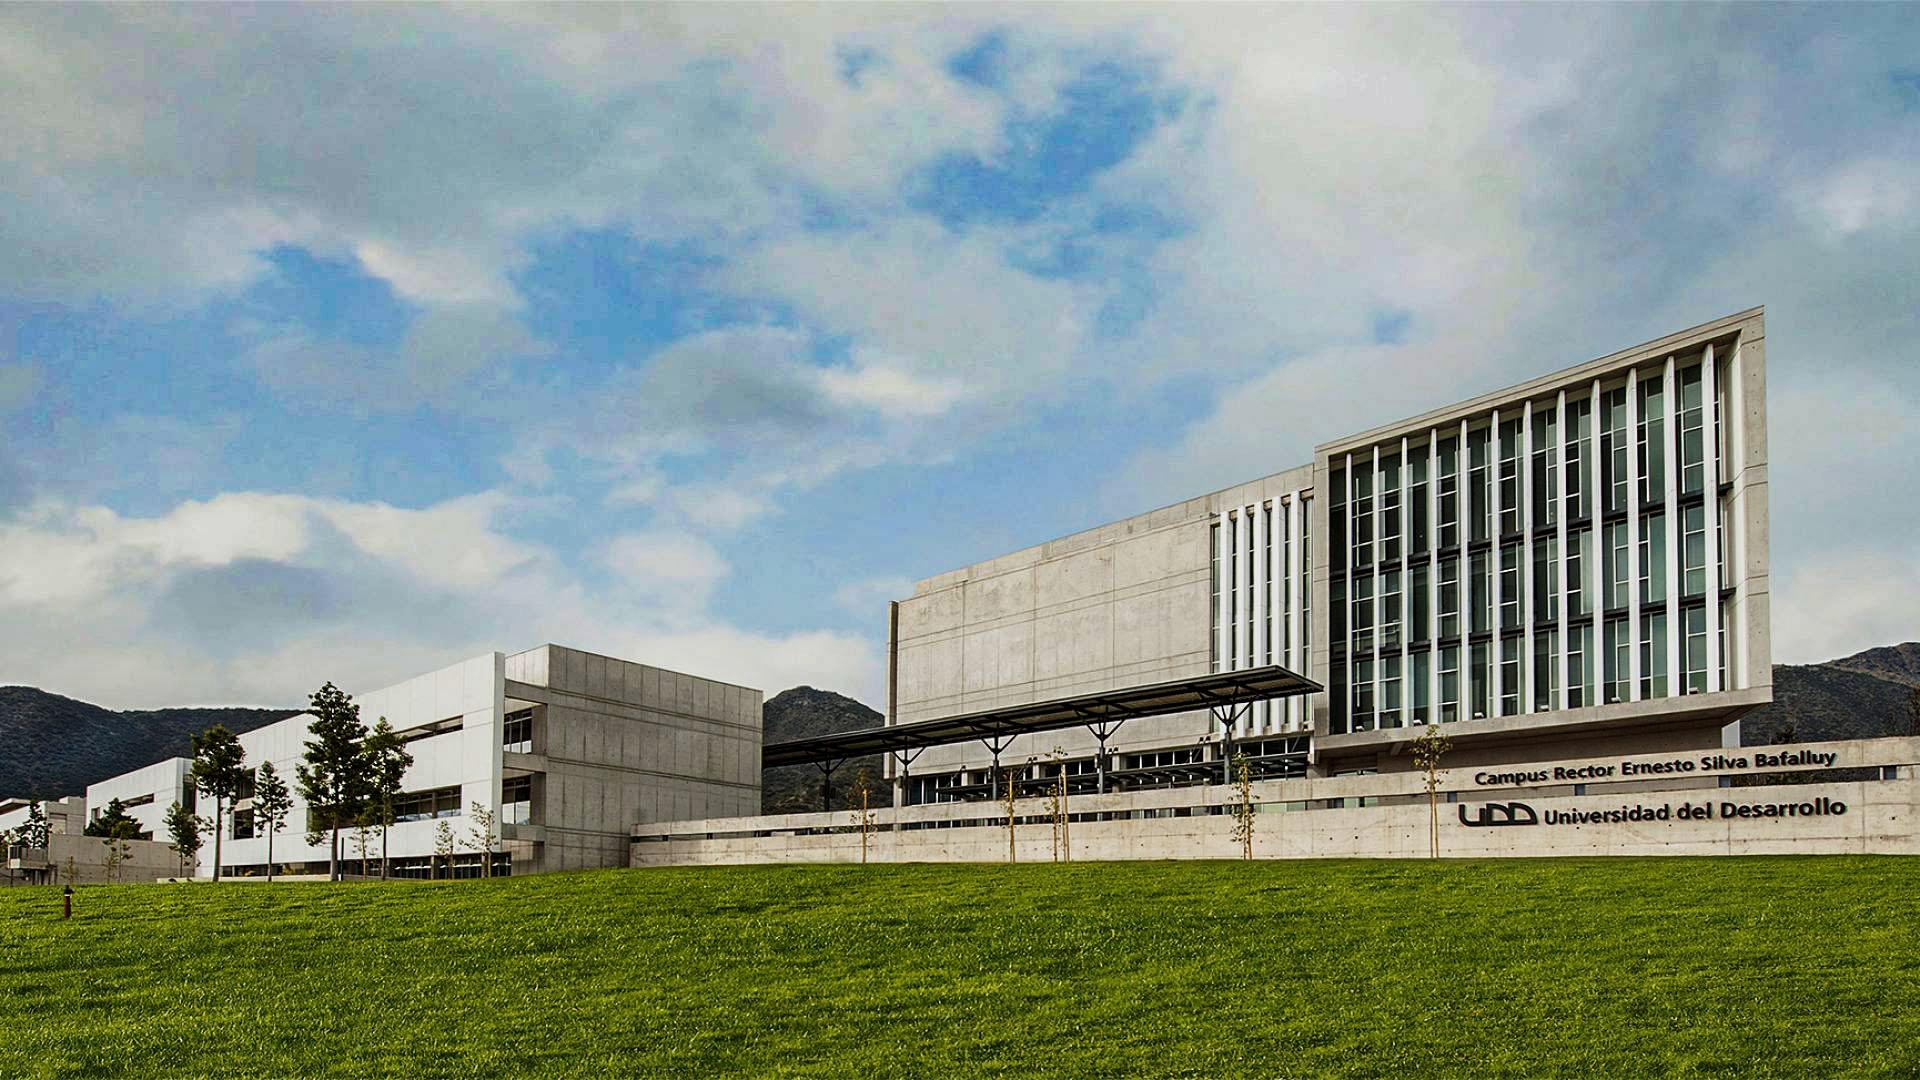 Die Vortragsreihe der Universität Jena startet am 16. November mit der Vorstellung der Universidad del Desarollo in Chile. (Foto: Universidad del Desarollo)